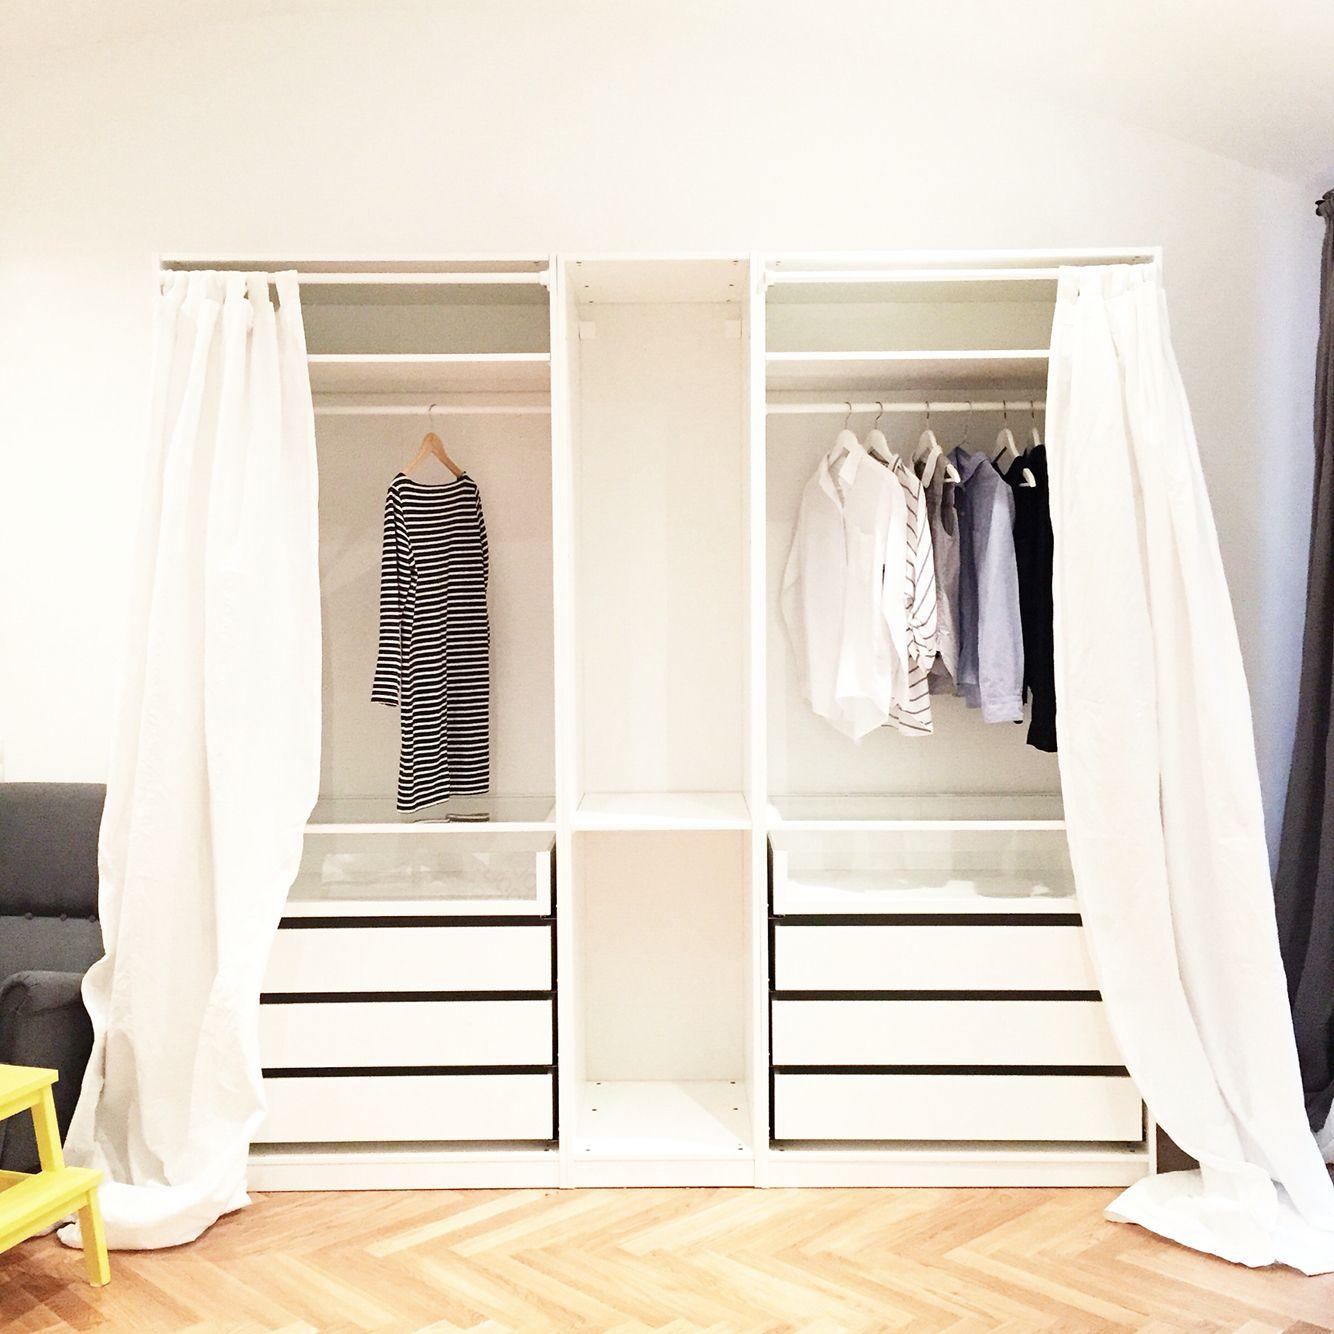 kleiderschrank pax mit vorhang anstatt türen | garderobenideen ... - Ikea Schlafzimmer Schrank